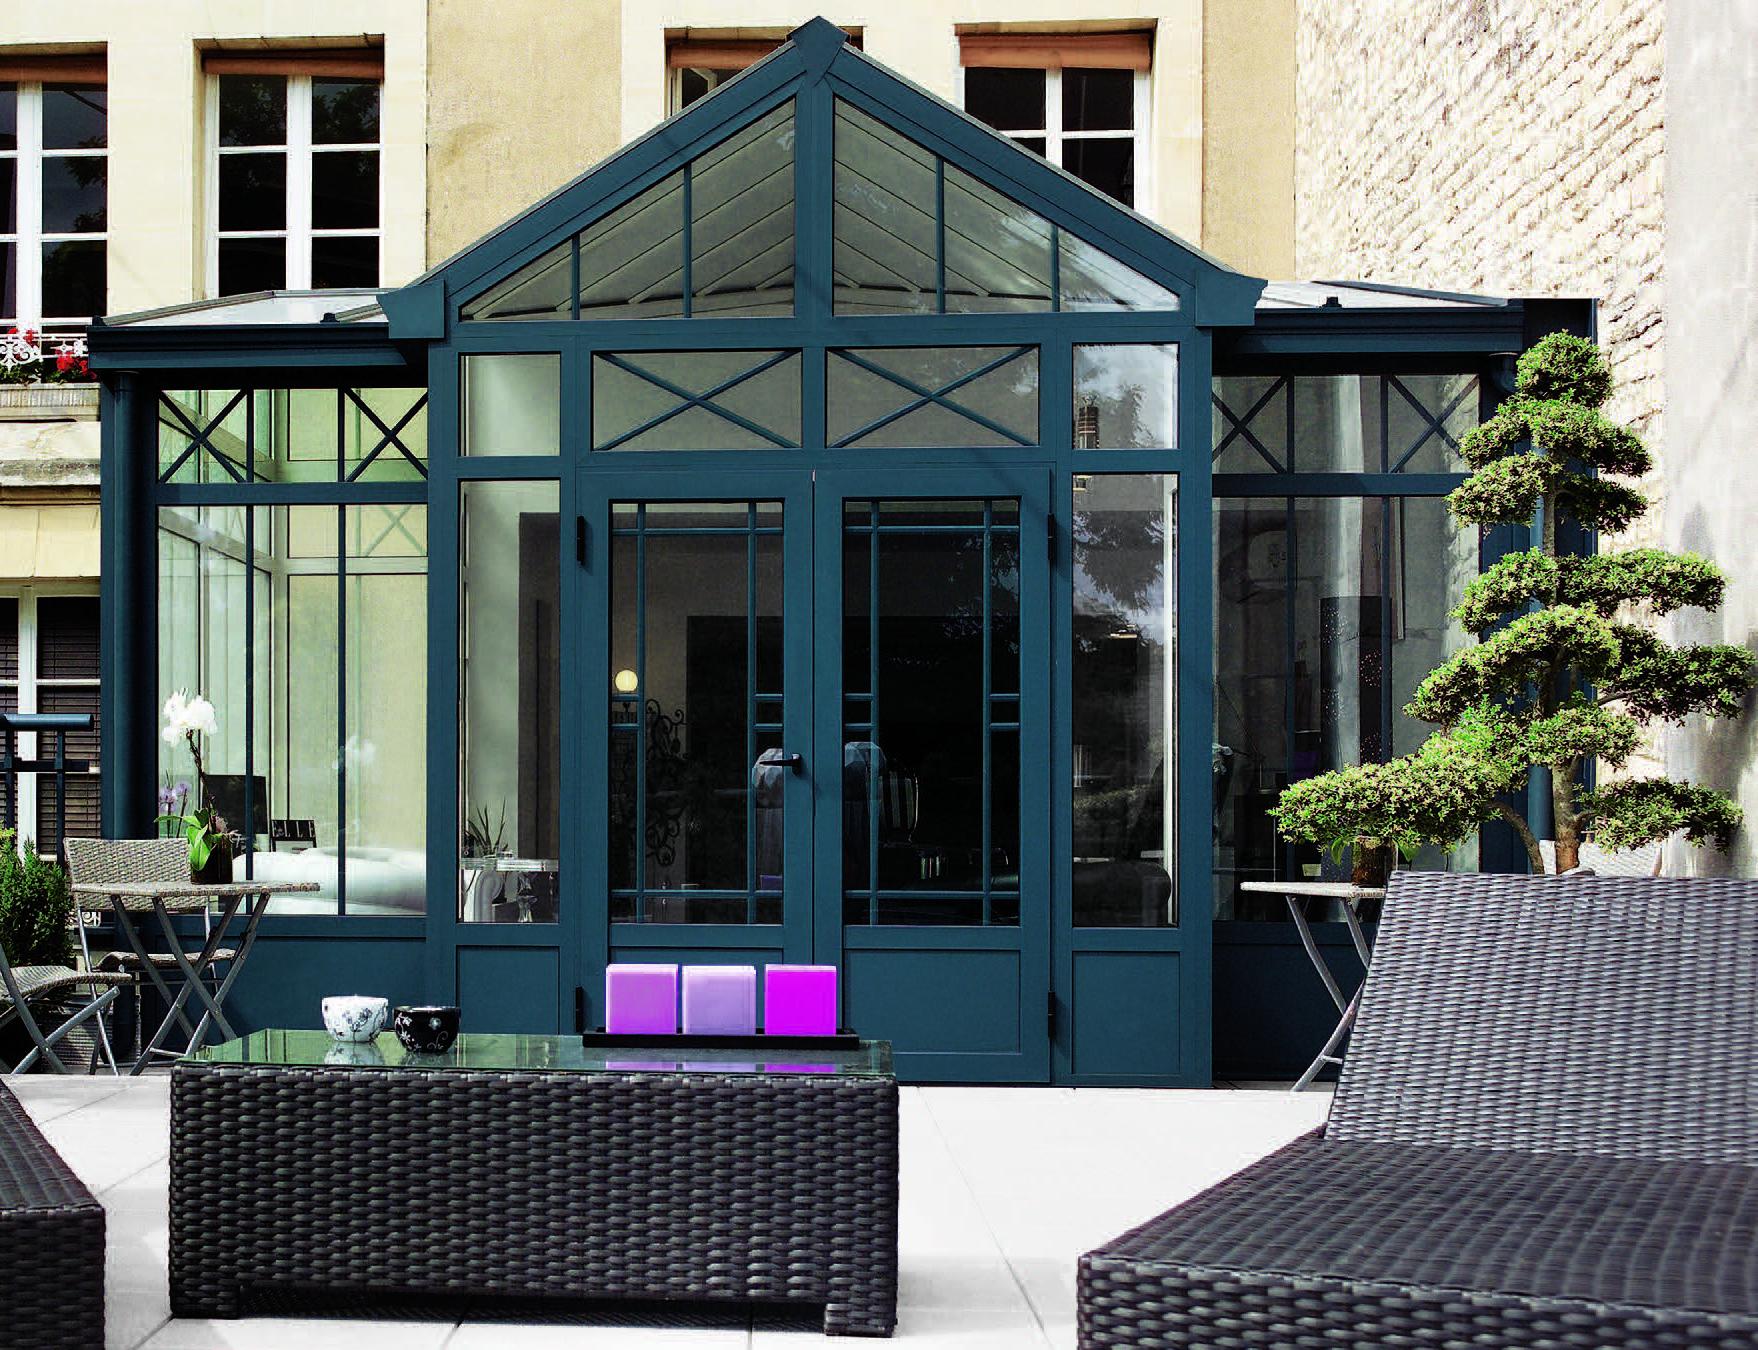 Groene victoriaanse serre met klassiek ontwerp en openslaande deuren